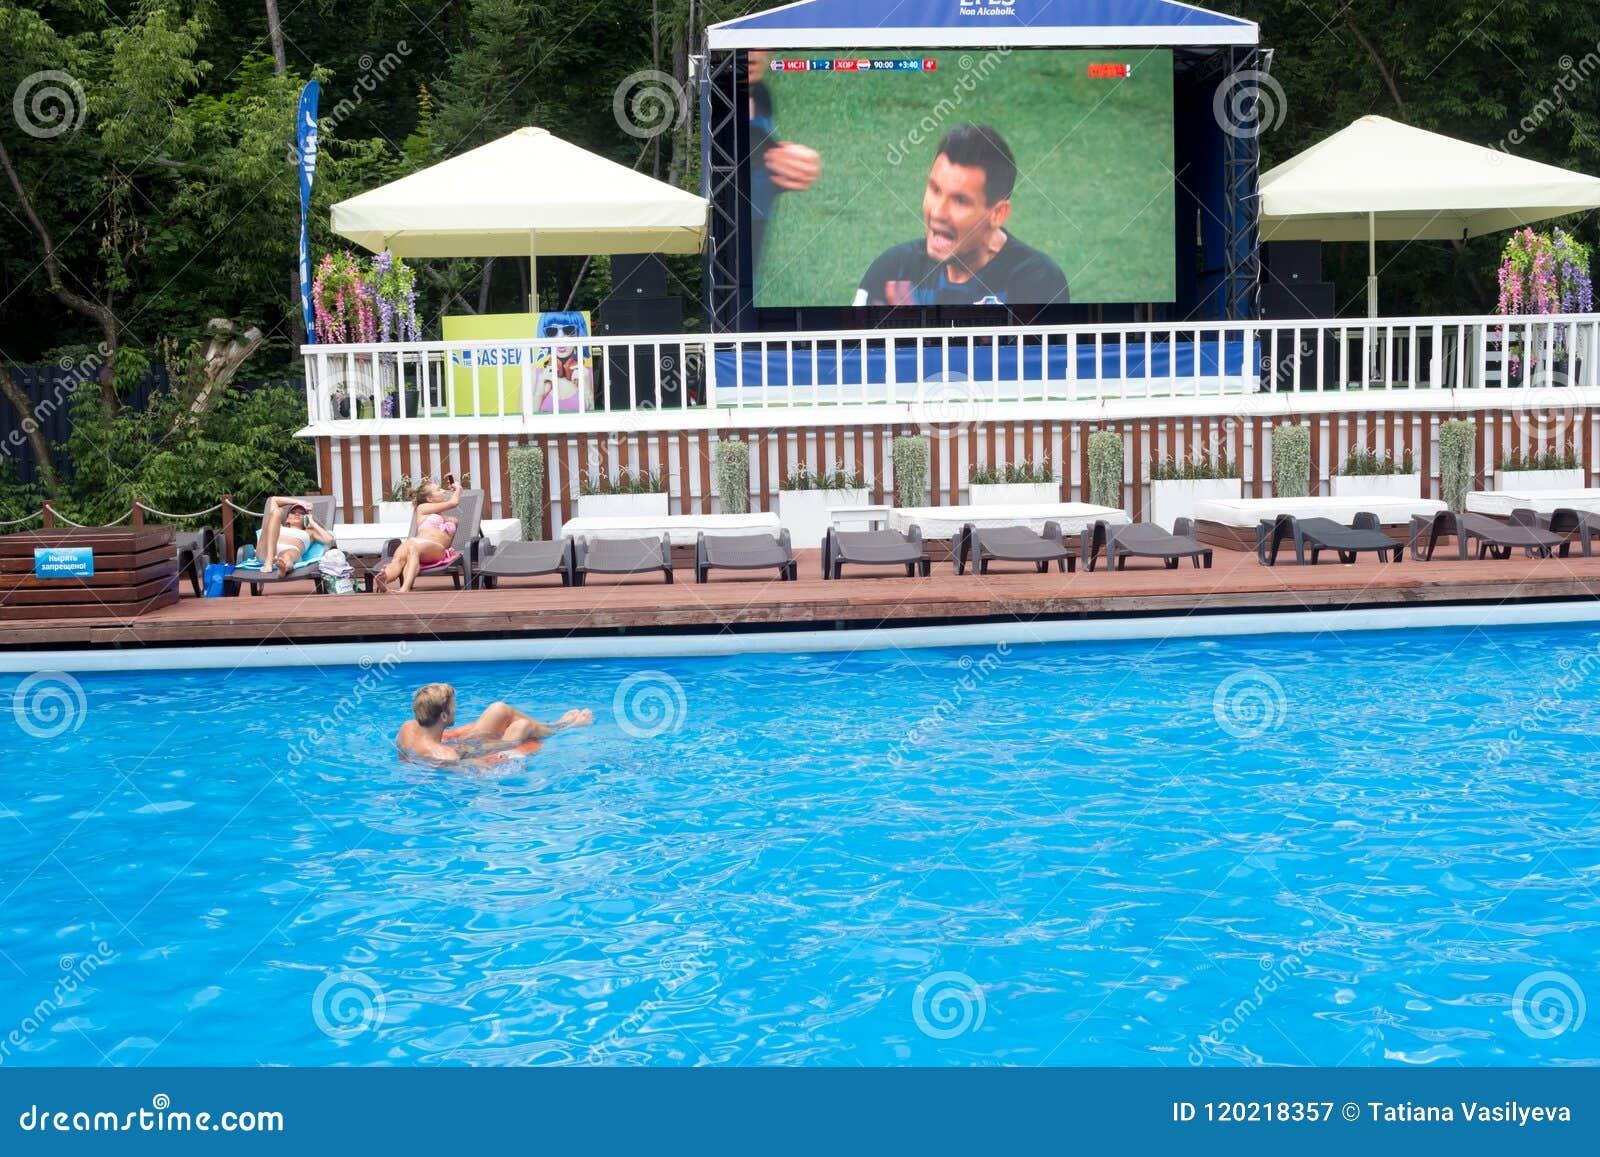 The Pool in Sokolniki 43